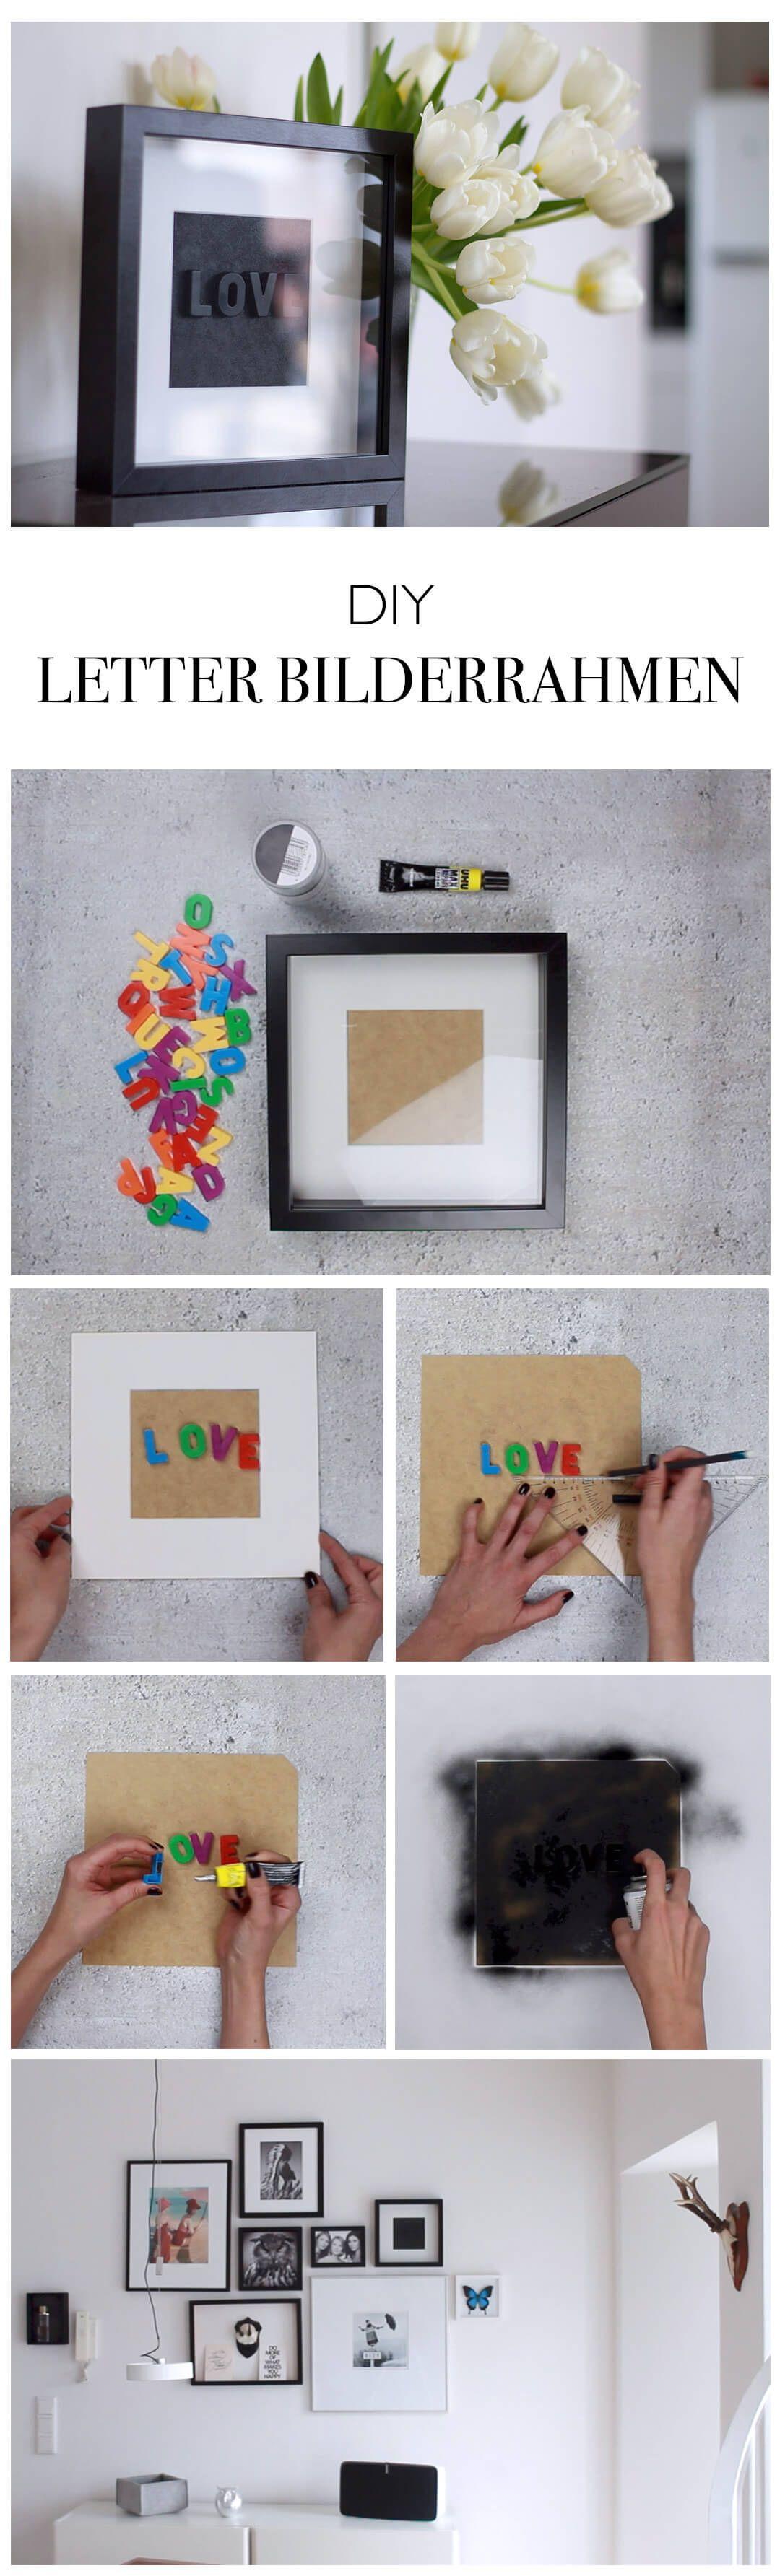 Diy letter art buchstaben wandbild pinterest arte de pared diy bilderrahmen mit schriftzug letterbox do it yourself blog lindaloves solutioingenieria Images